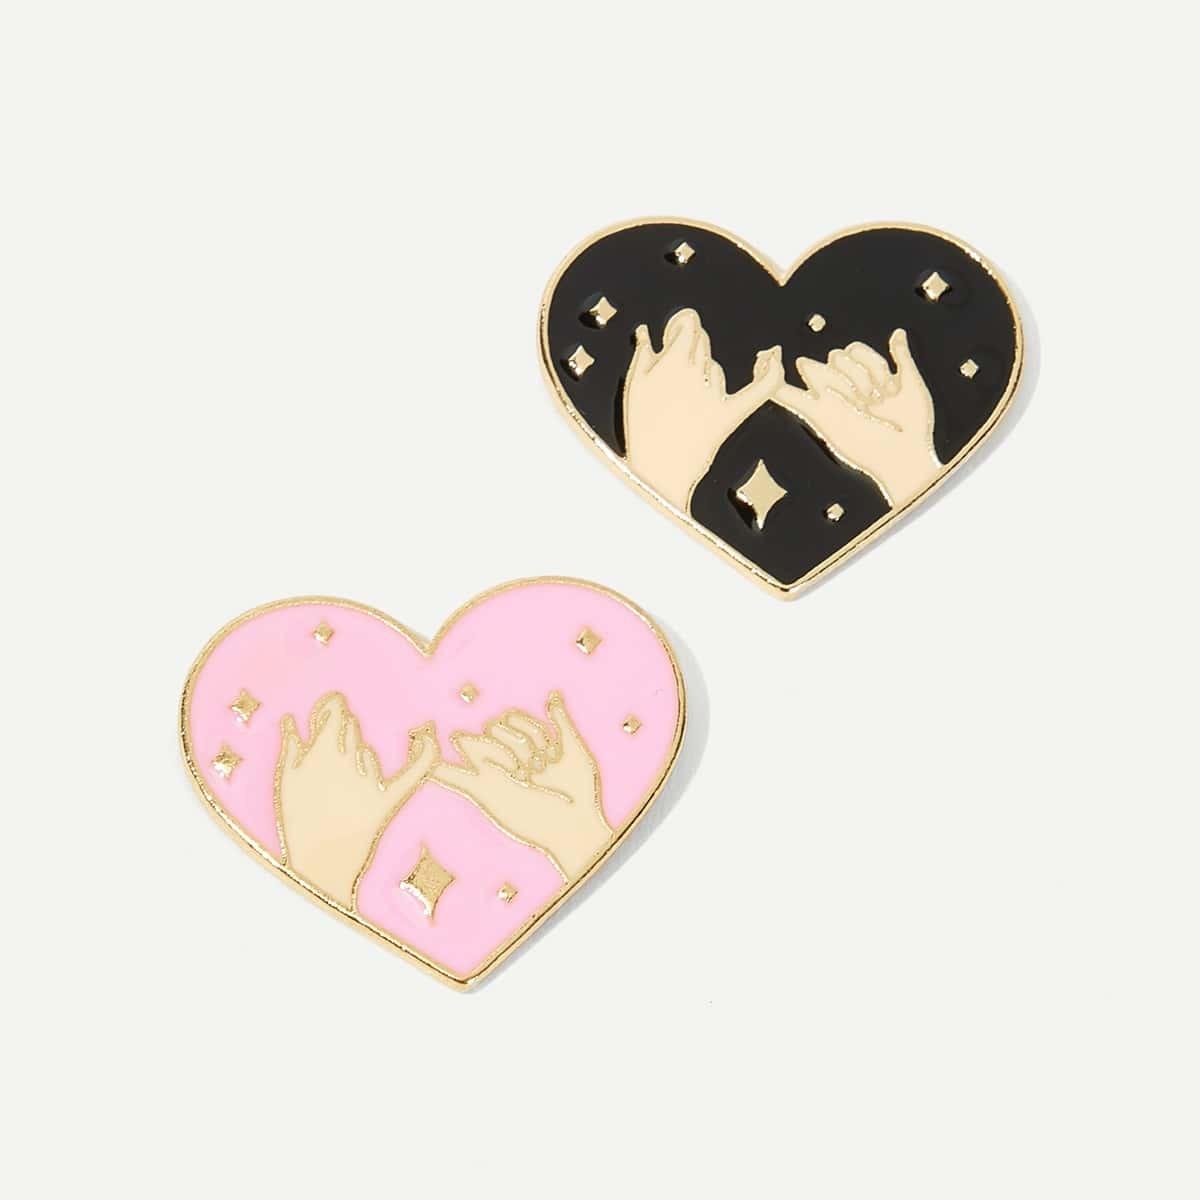 Комплект брошки в форме сердца с принтом ручи 2 шт от SHEIN